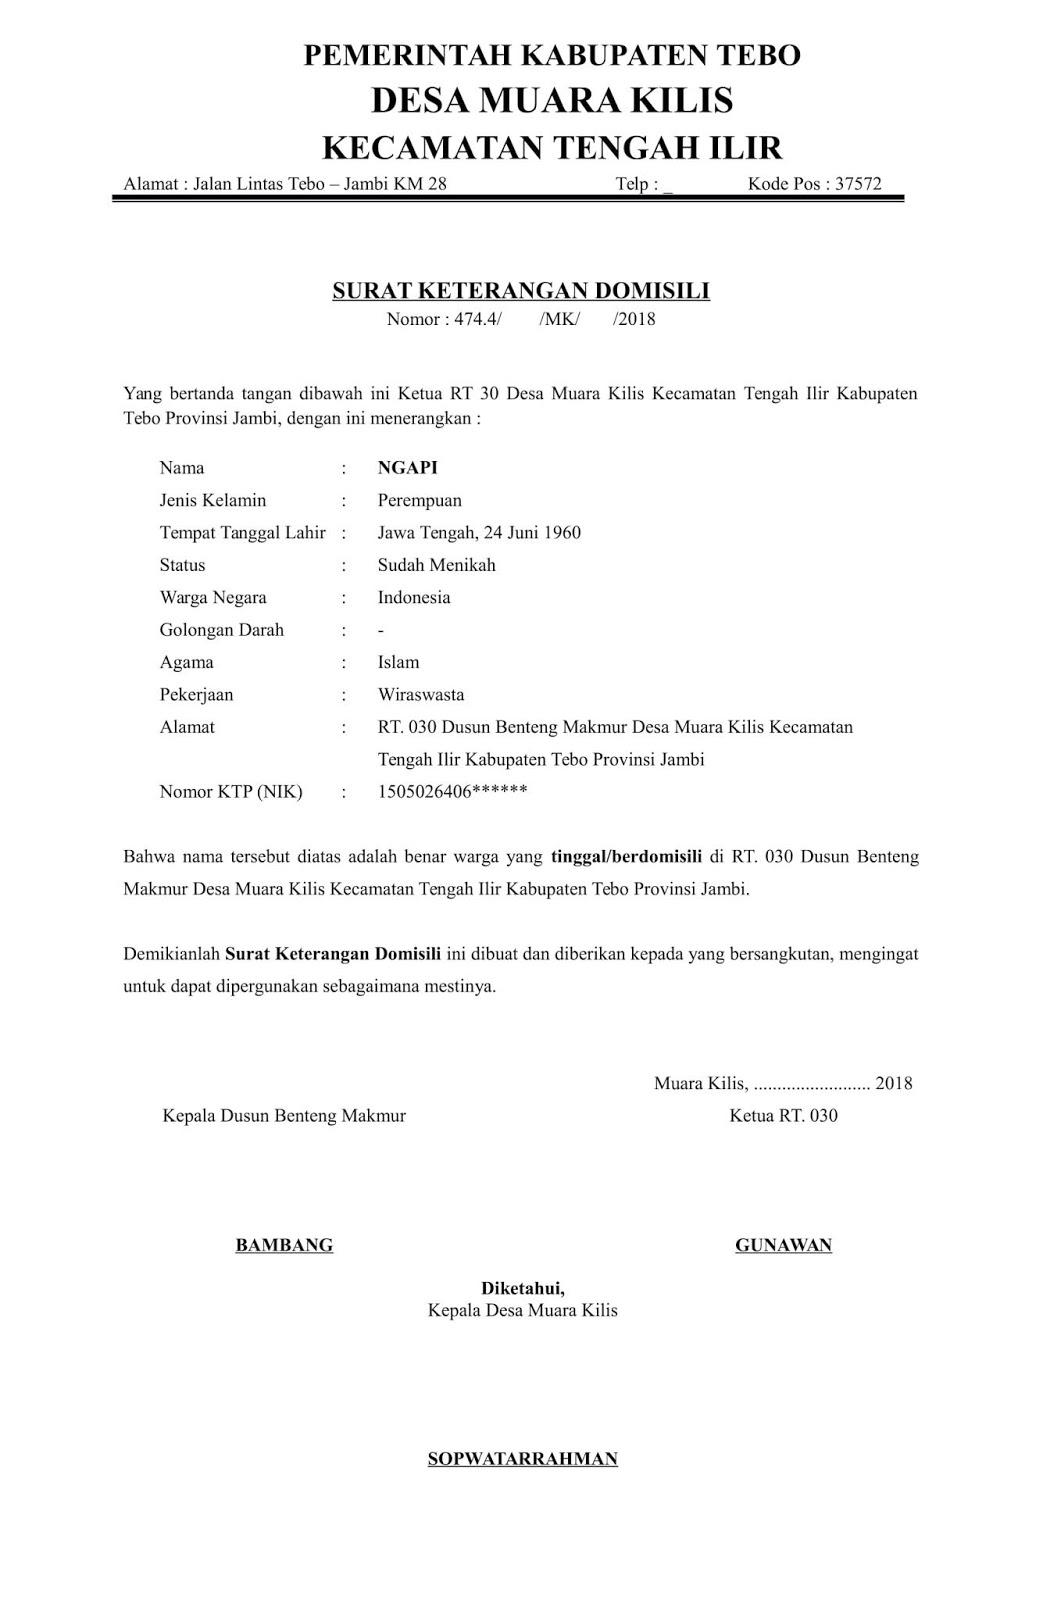 Contoh Surat Orton Contoh Surat Keterangan Domisili Dari